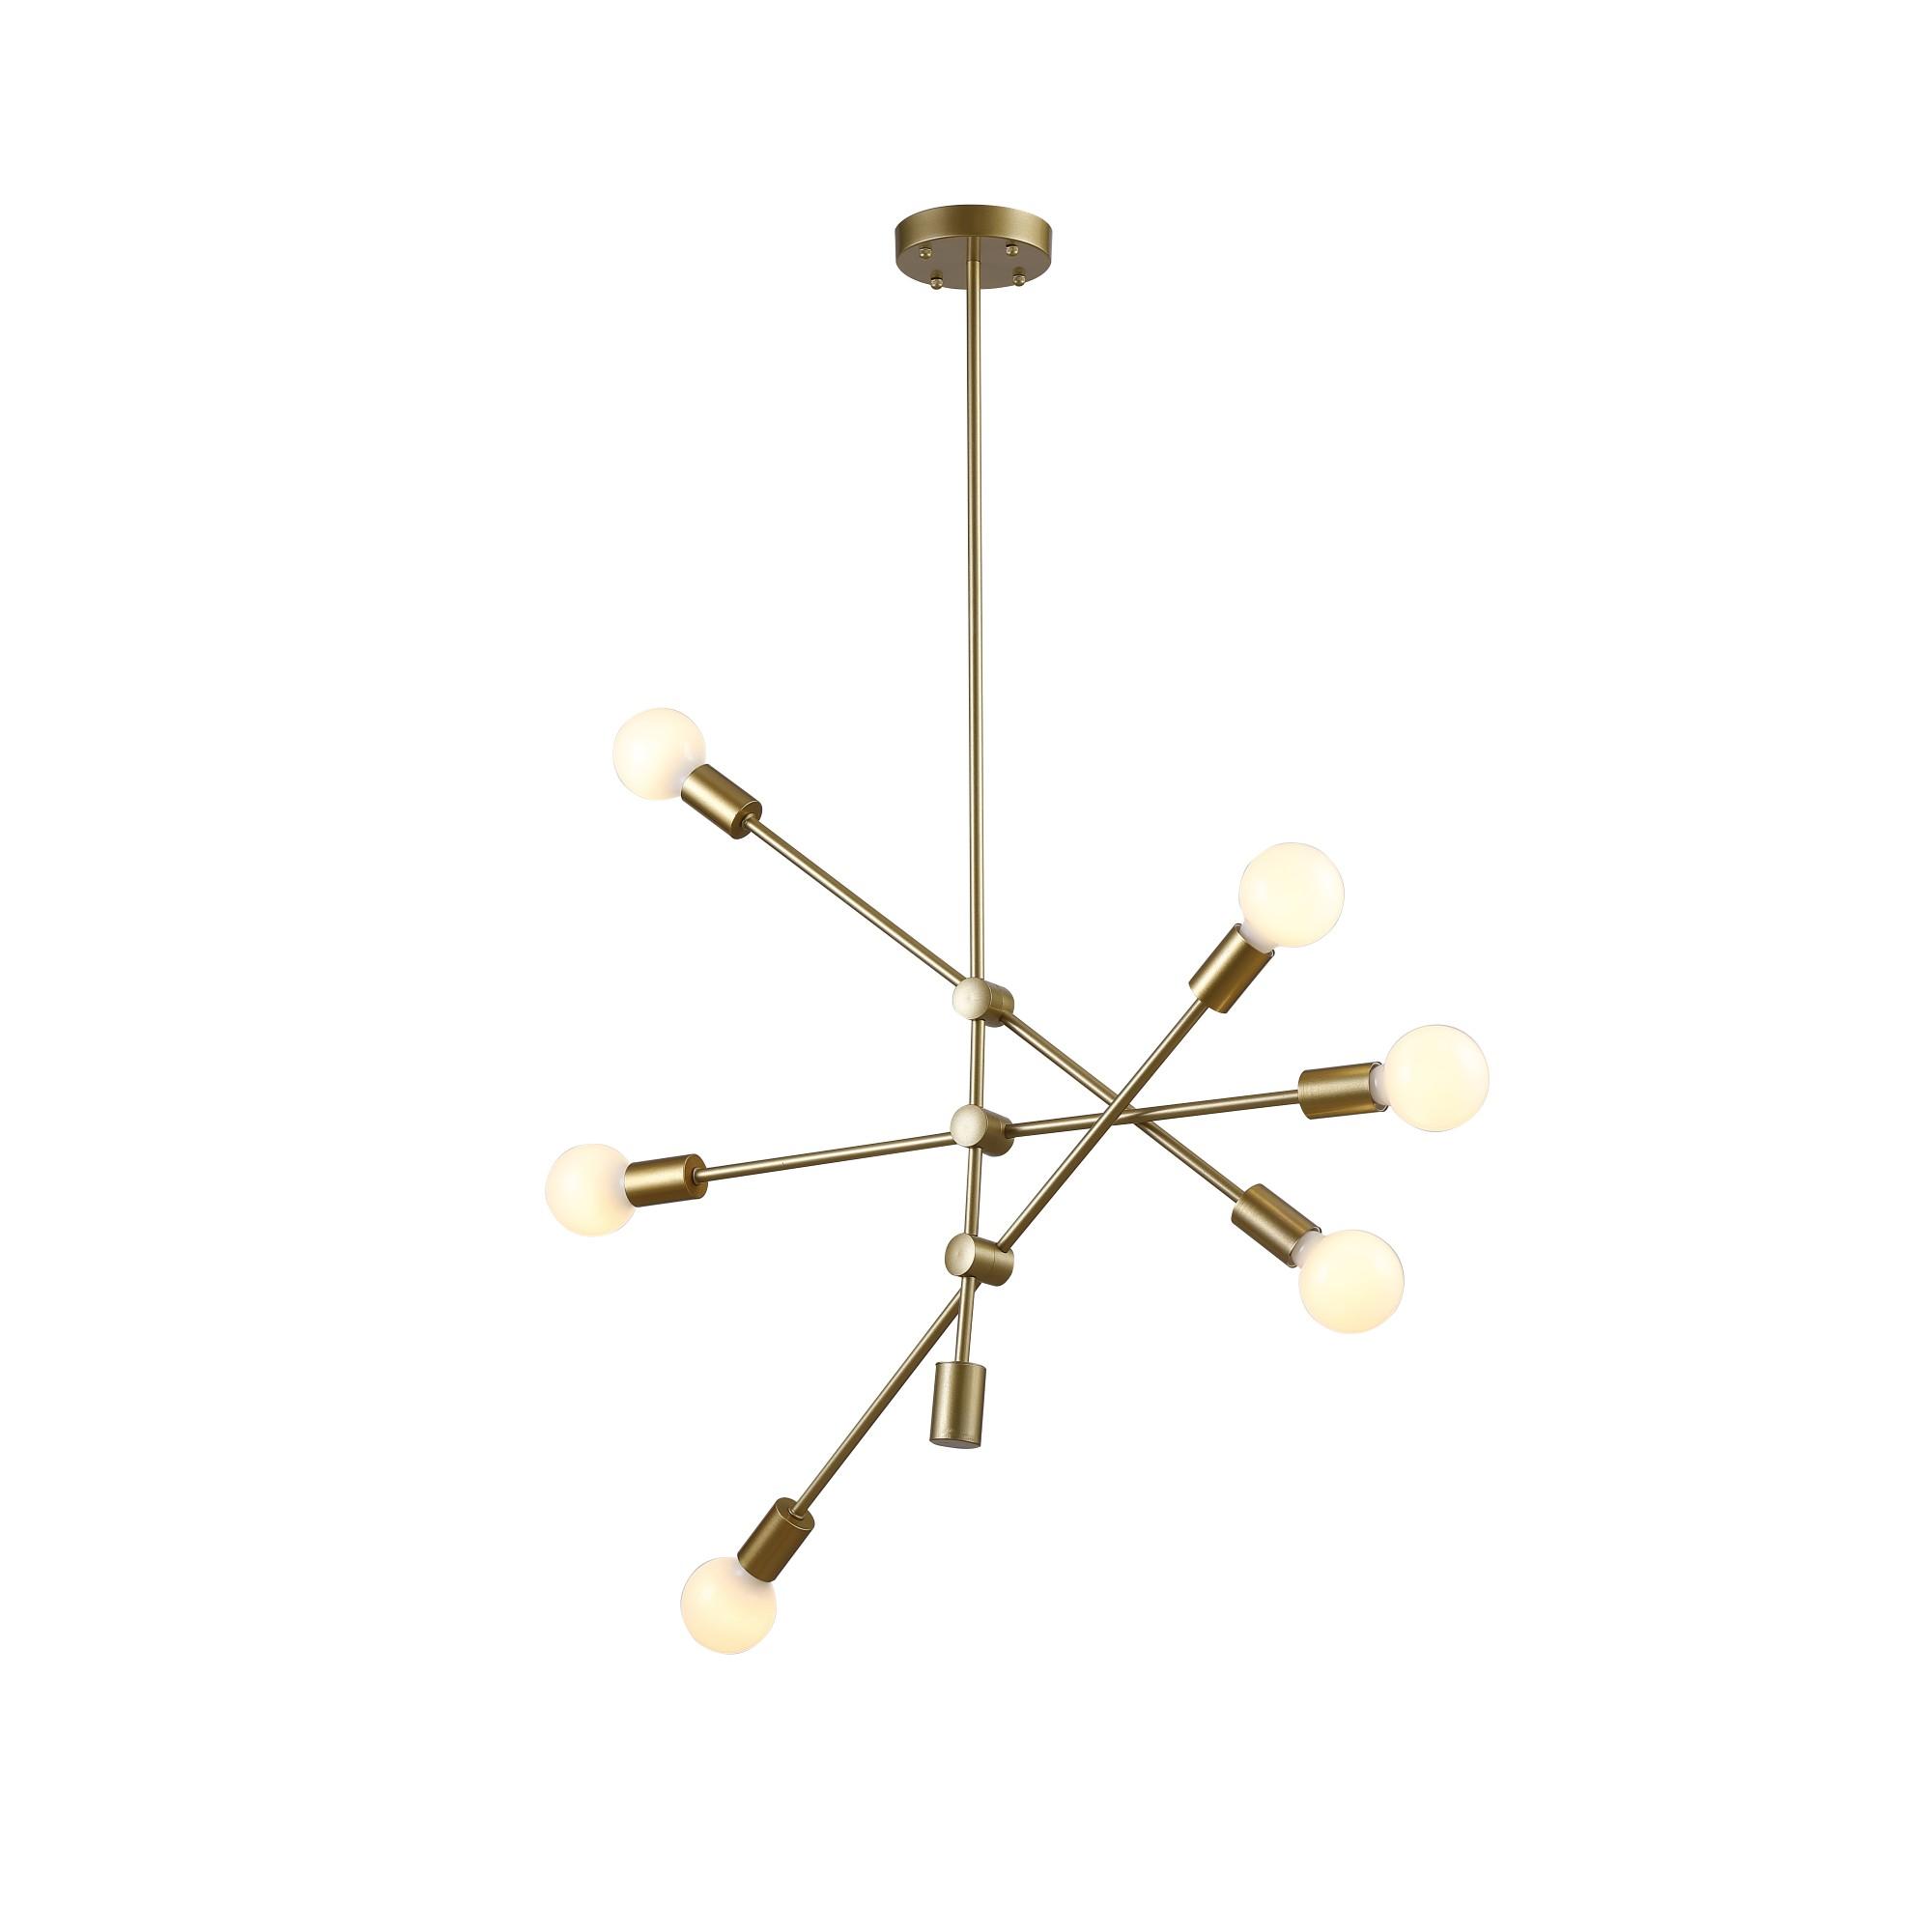 Pendente Ipanema 68 cm com 6 Lampadas Bella Iluminacao Dourado - RM004G